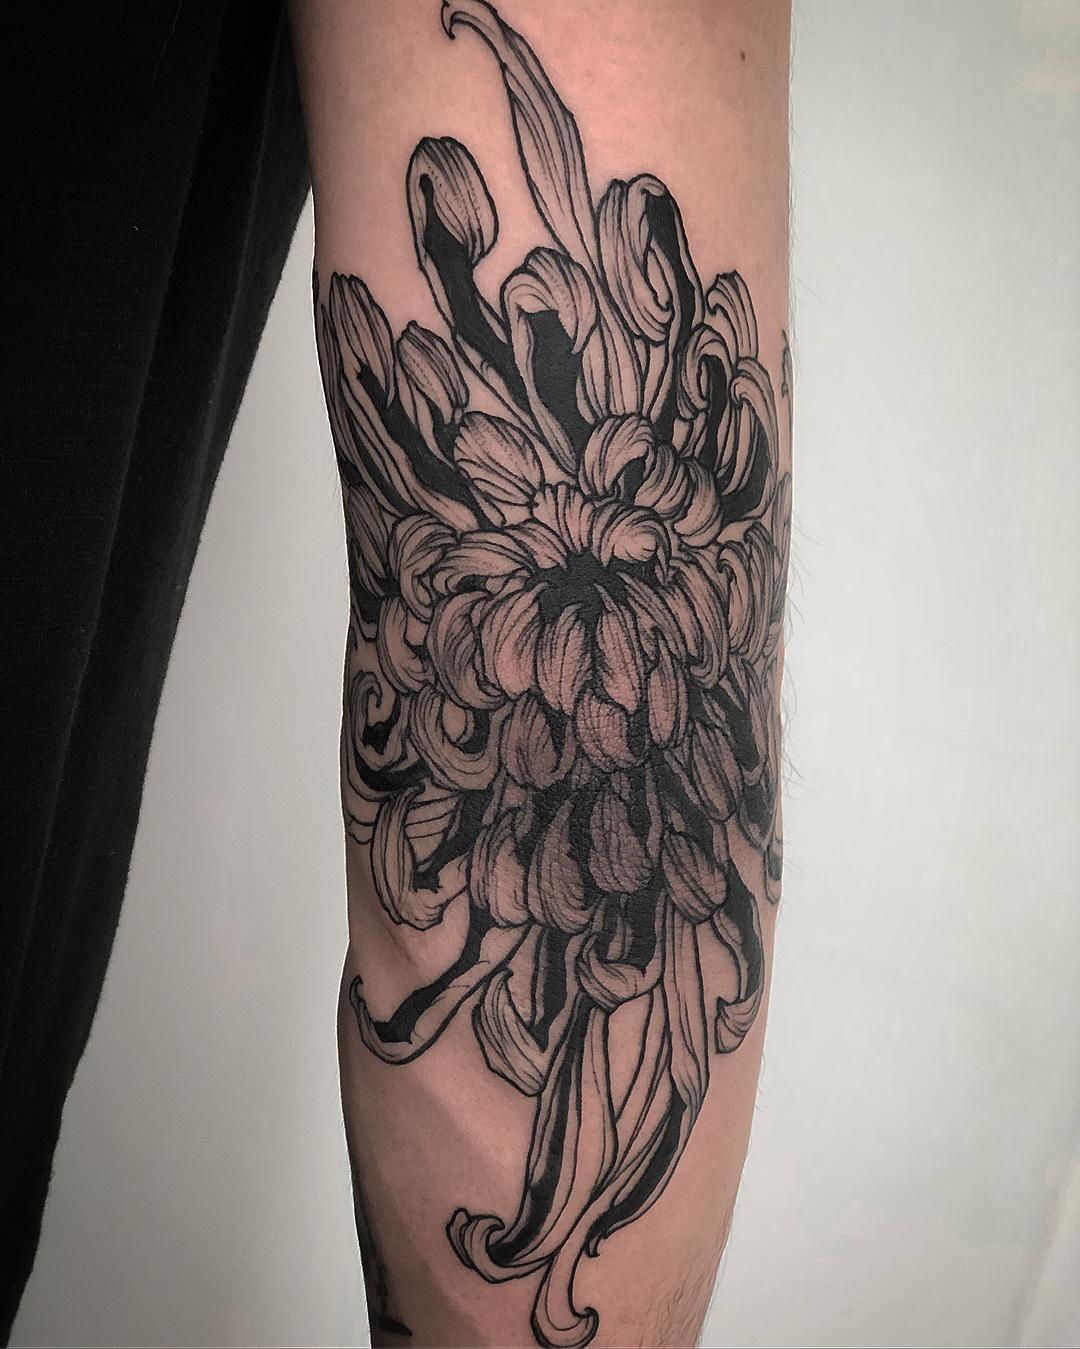 大臂水墨兰花纹身图案